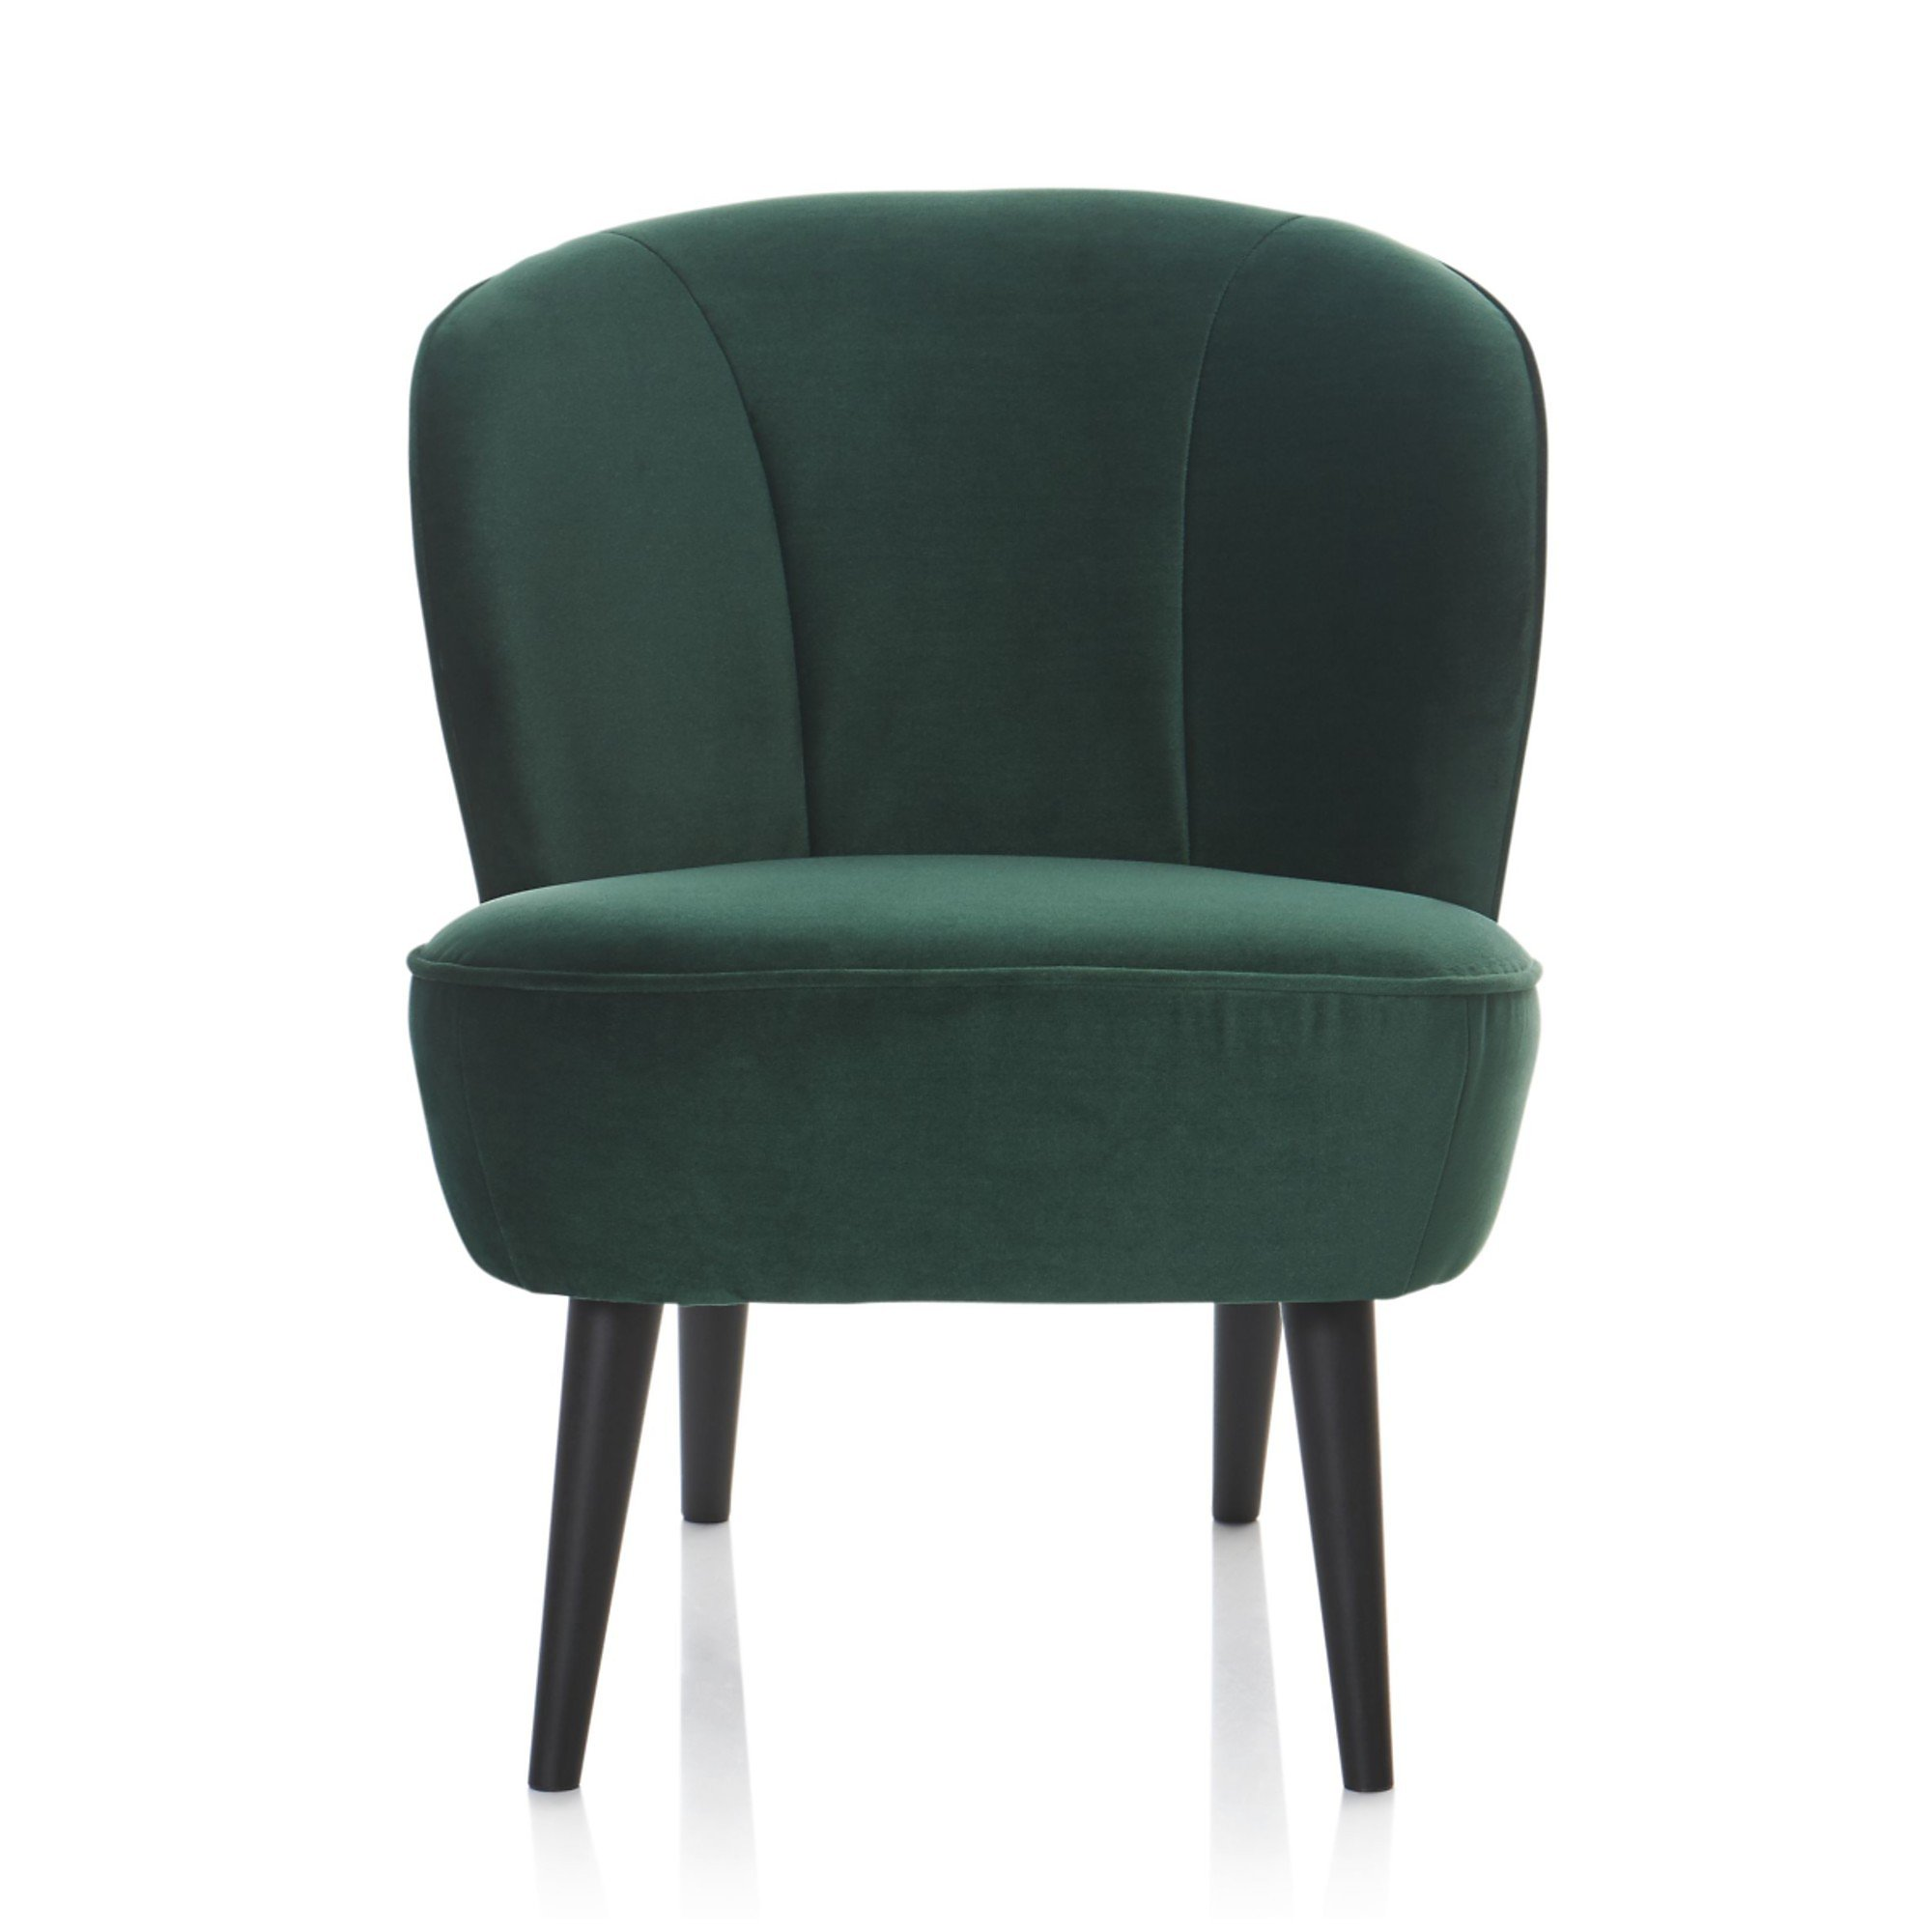 Impressionen Living Sessel Grun Jetzt Bei Weltbild De Bestellen